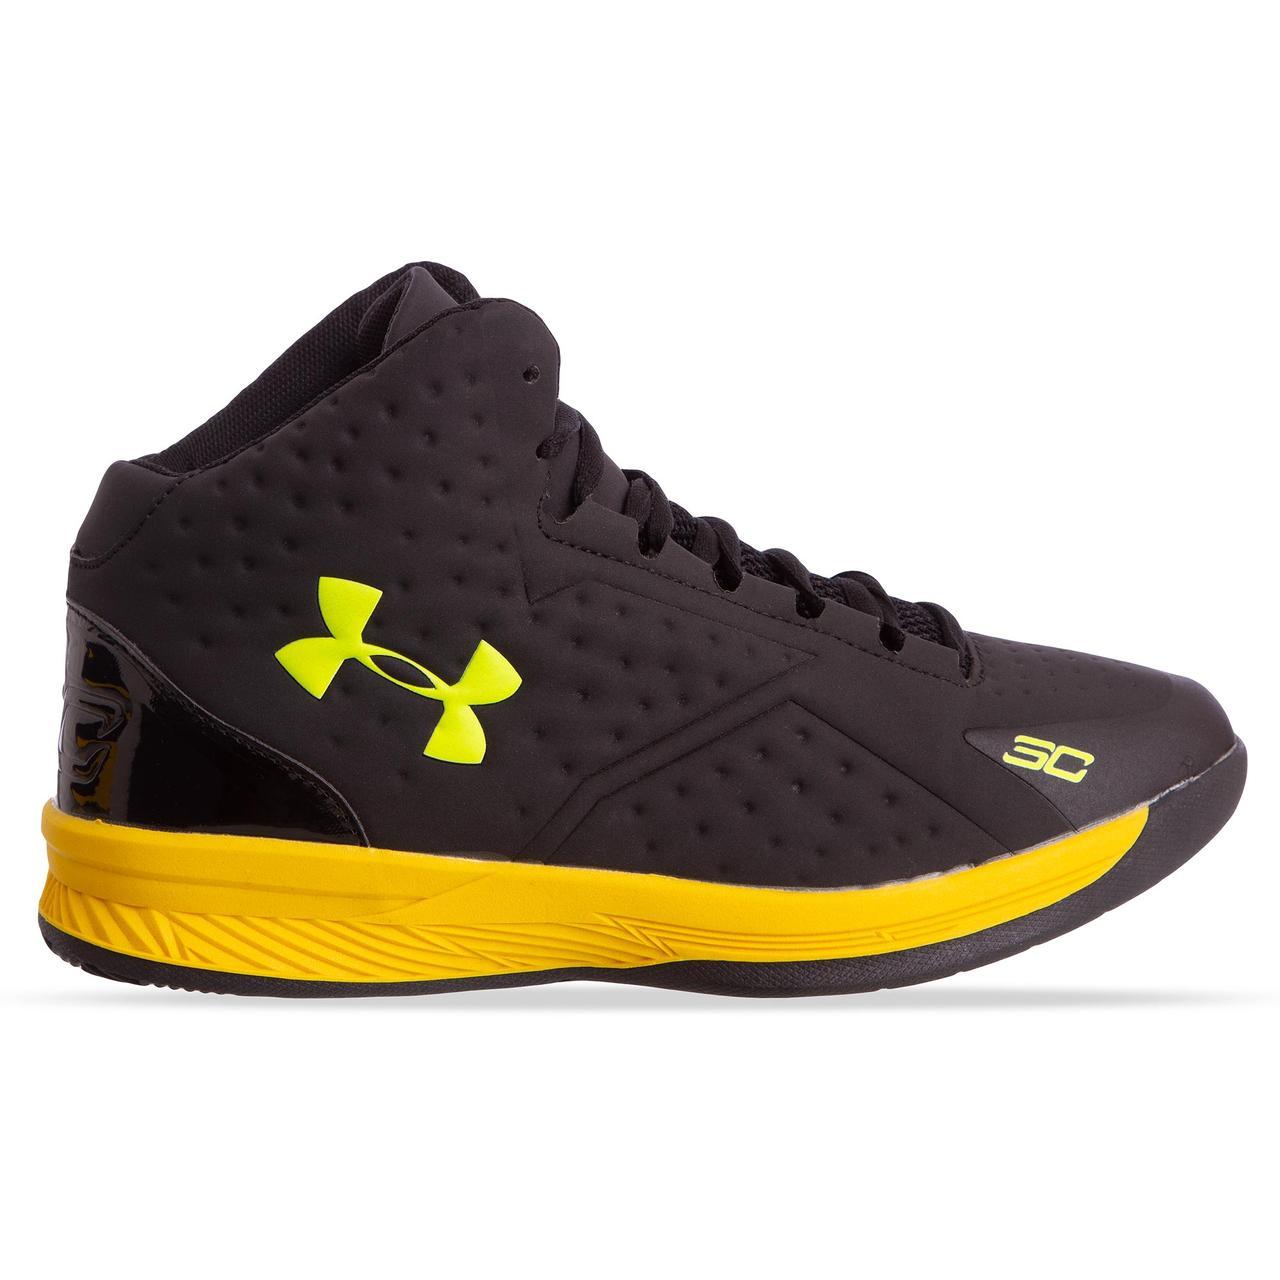 РАЗМЕР 41 Обувь для баскетбола мужская Under Armour 3077-5 OF